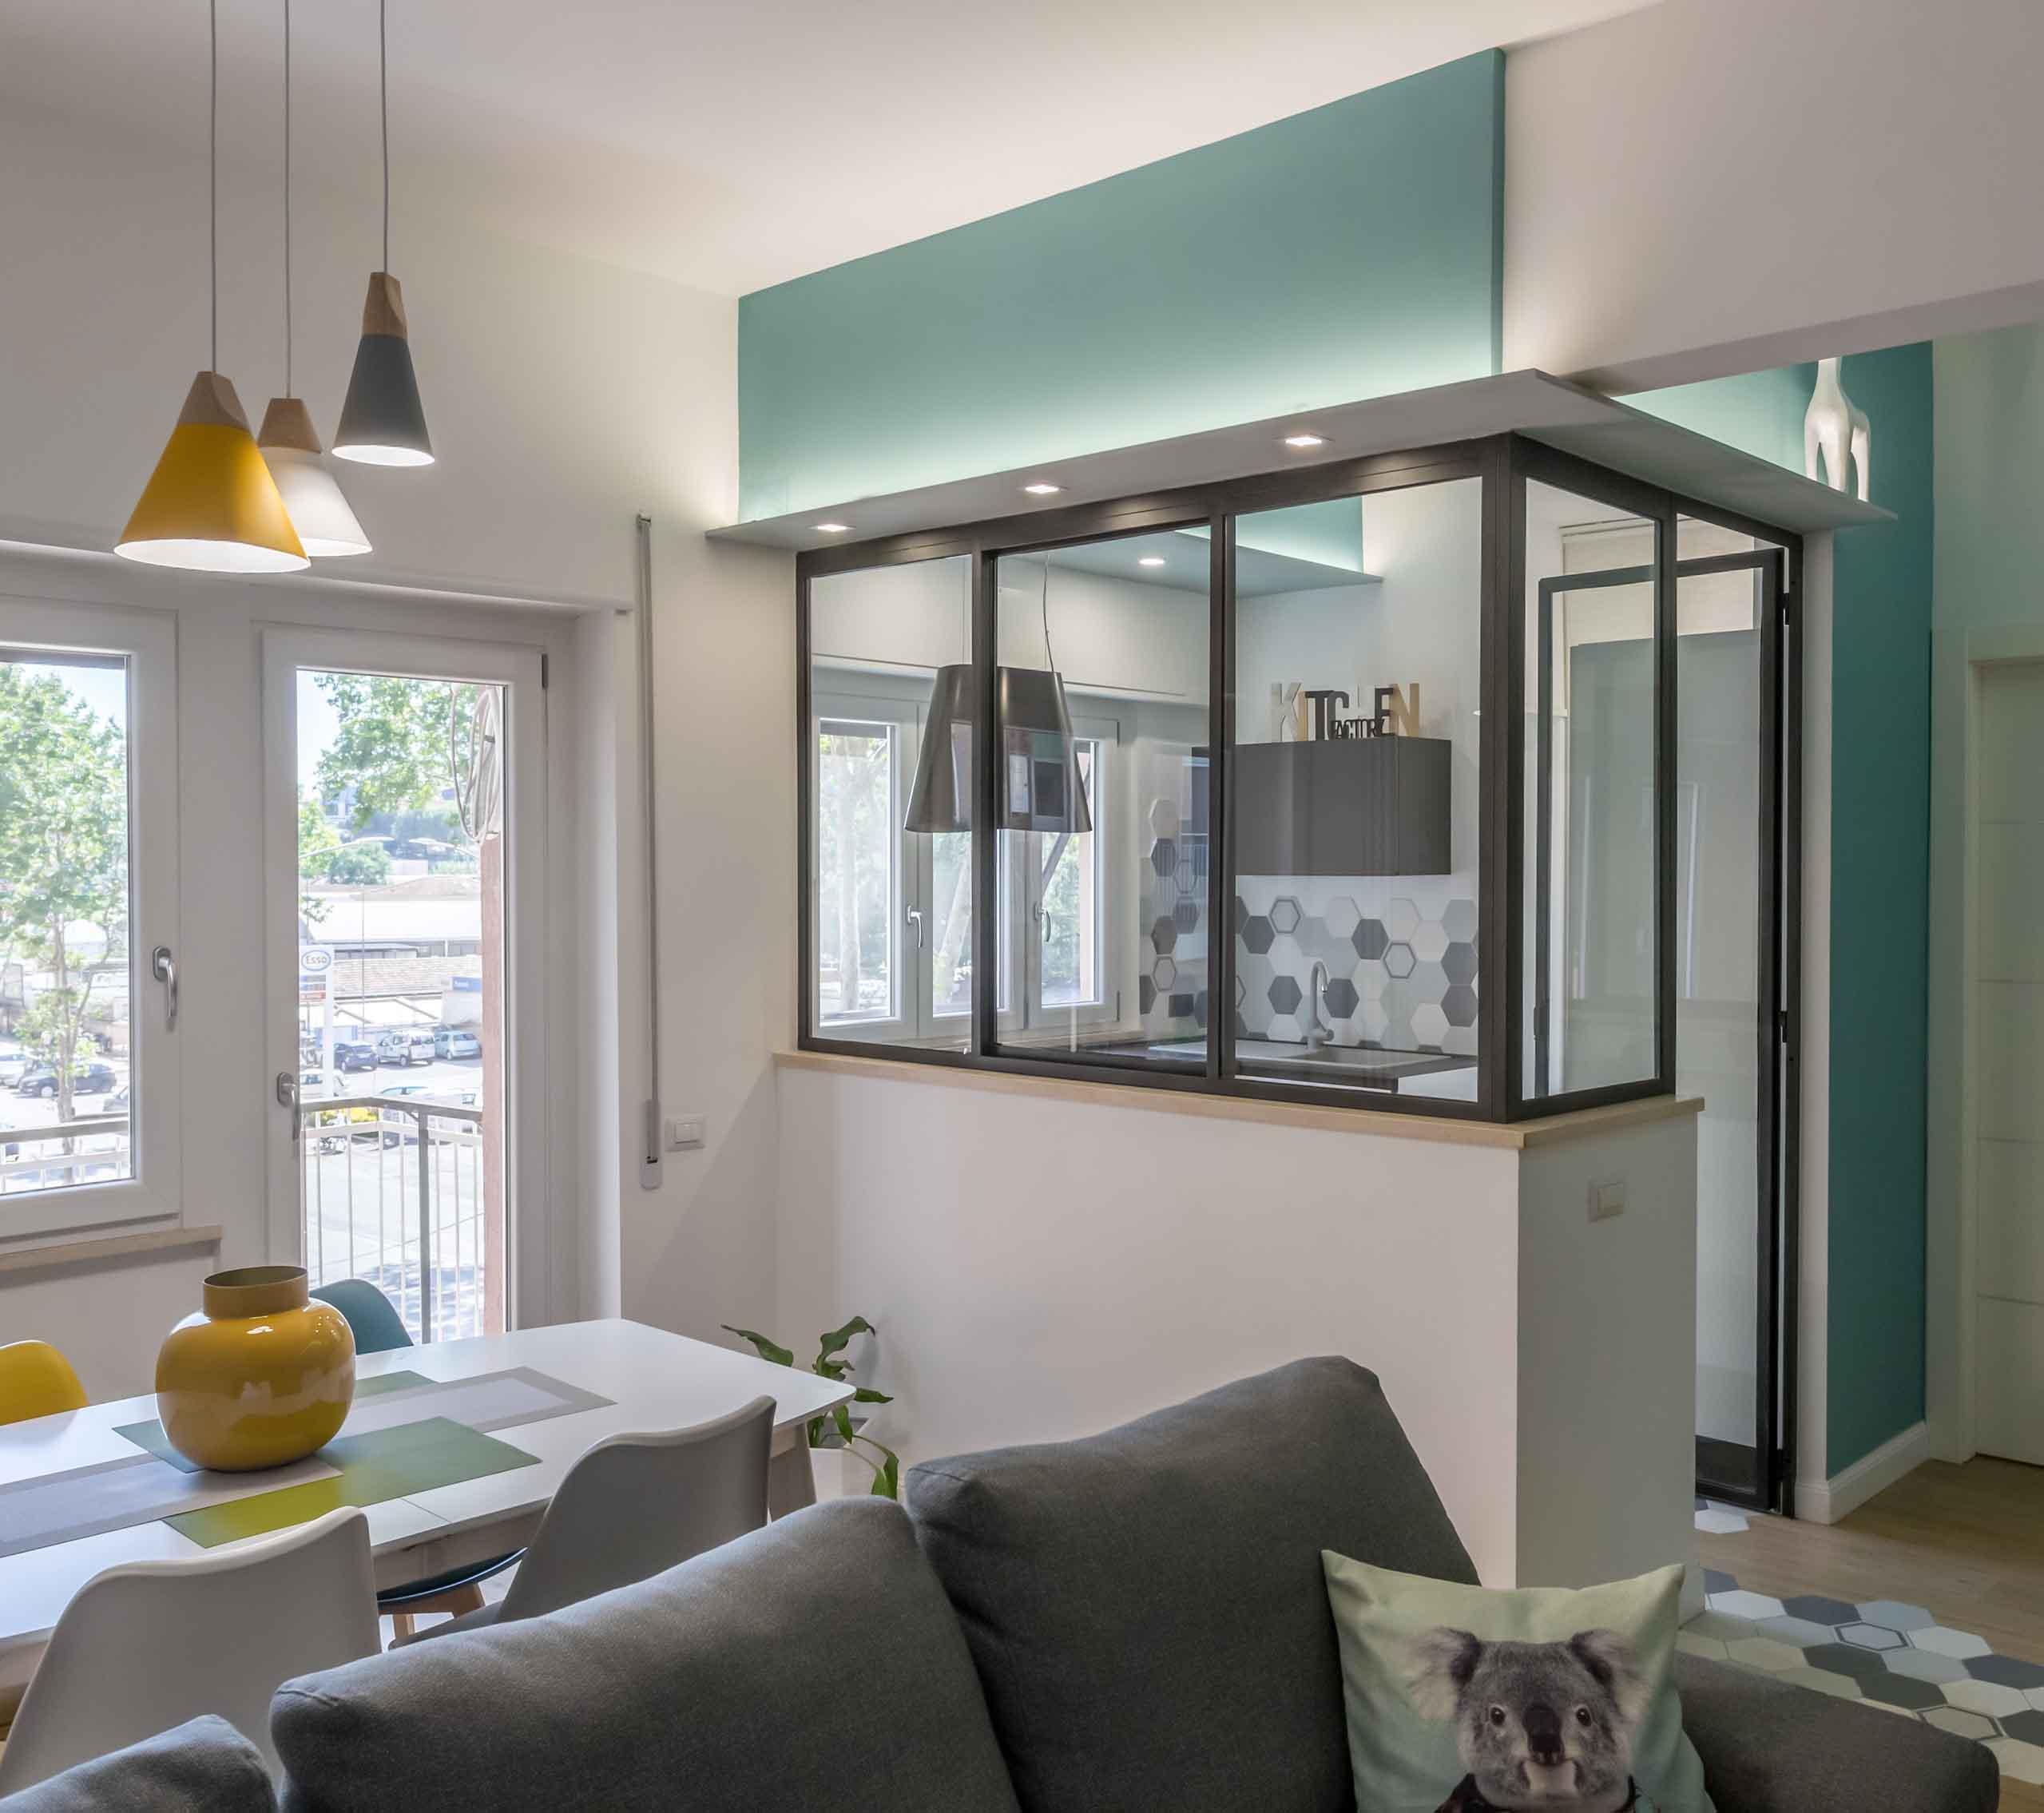 Vetrata Penguin House Dopo i lavori di Restauro e Interior Design